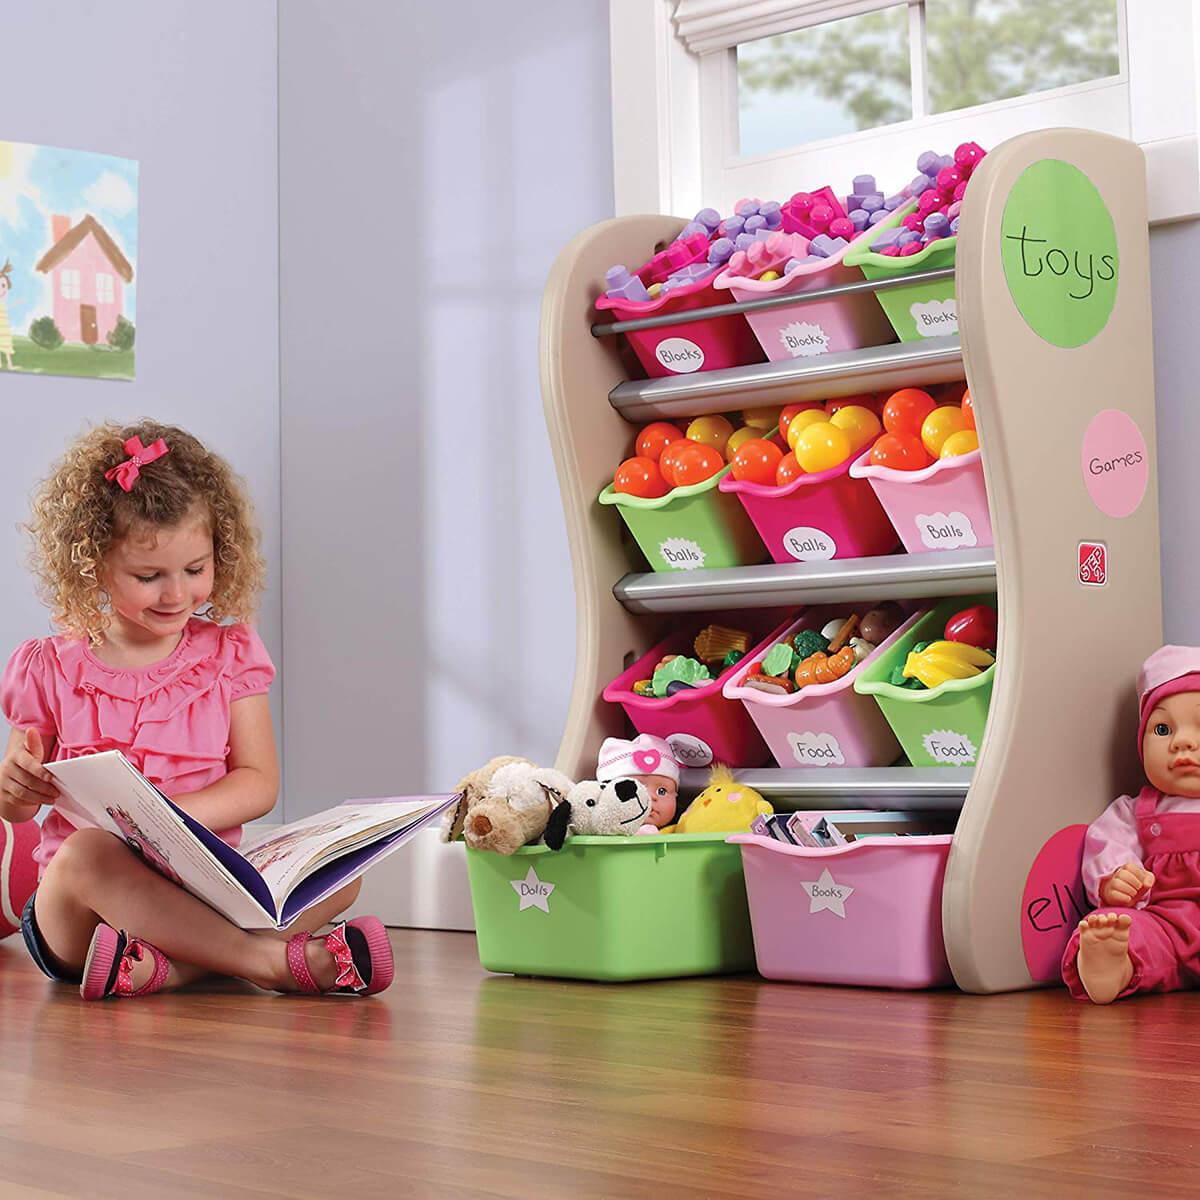 Картинка ребенок и интернет магазин